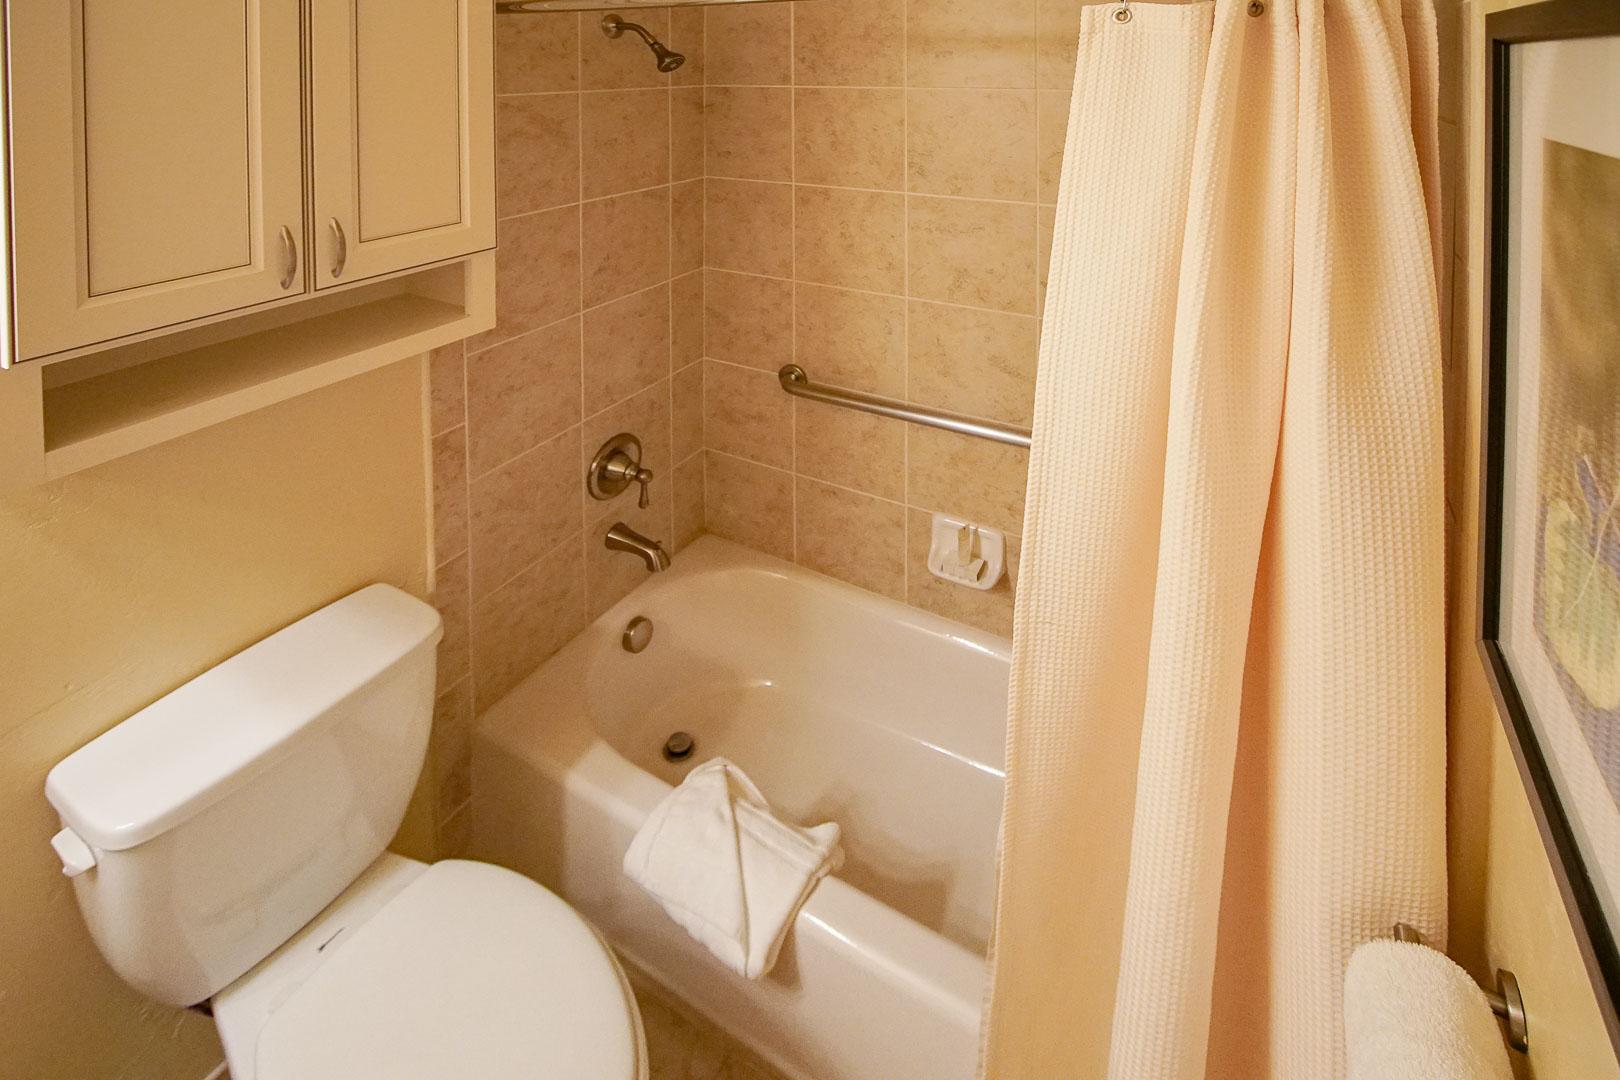 A clean bathroom at VRI's Aspen at Streamside in Colorado.